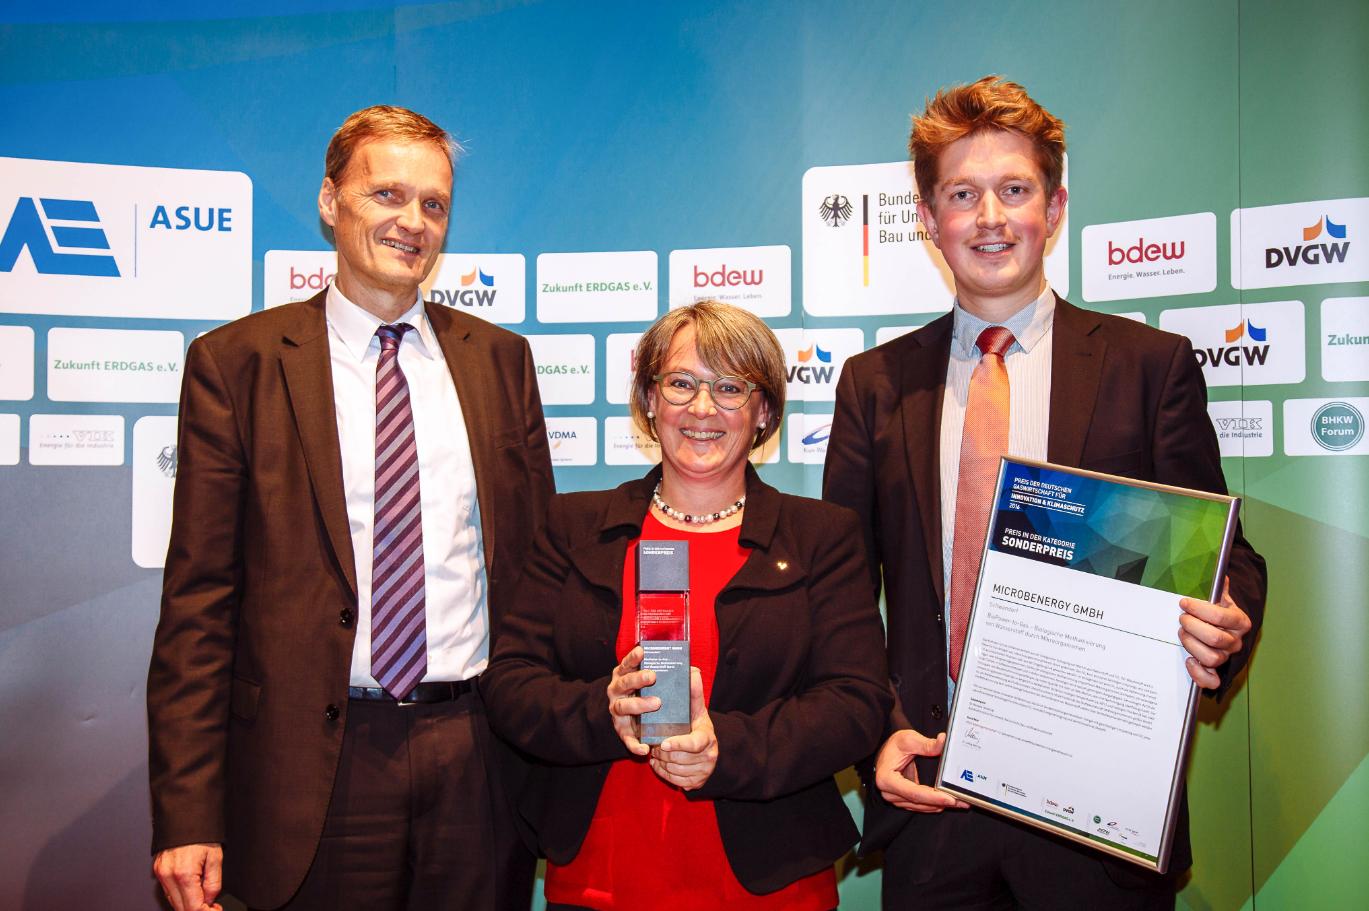 Das Bild zeigt die Auszeichnung mit dem Sonderpreis Gaswirtschaft 2016